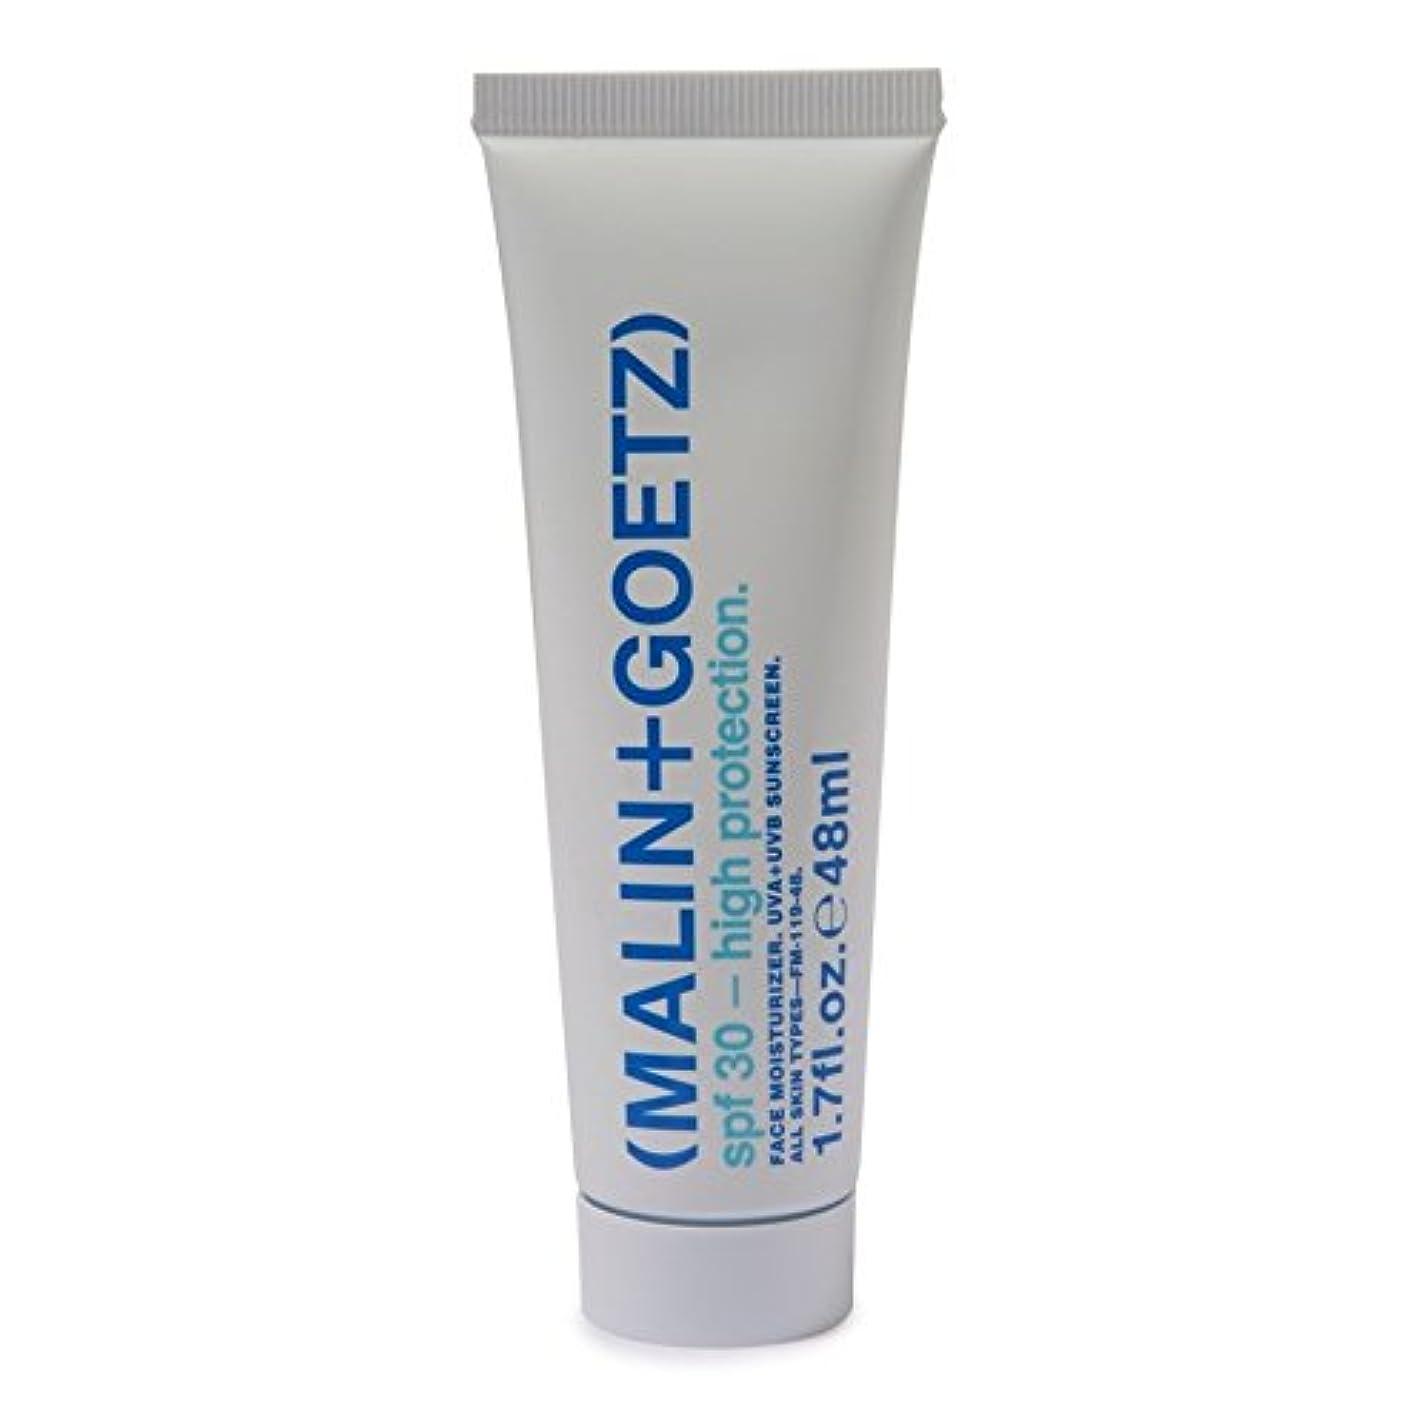 失望ショルダー安全マリン+ゲッツ顔の保湿剤の 30 48ミリリットル x2 - MALIN+GOETZ Face Moisturiser SPF 30 48ml (Pack of 2) [並行輸入品]